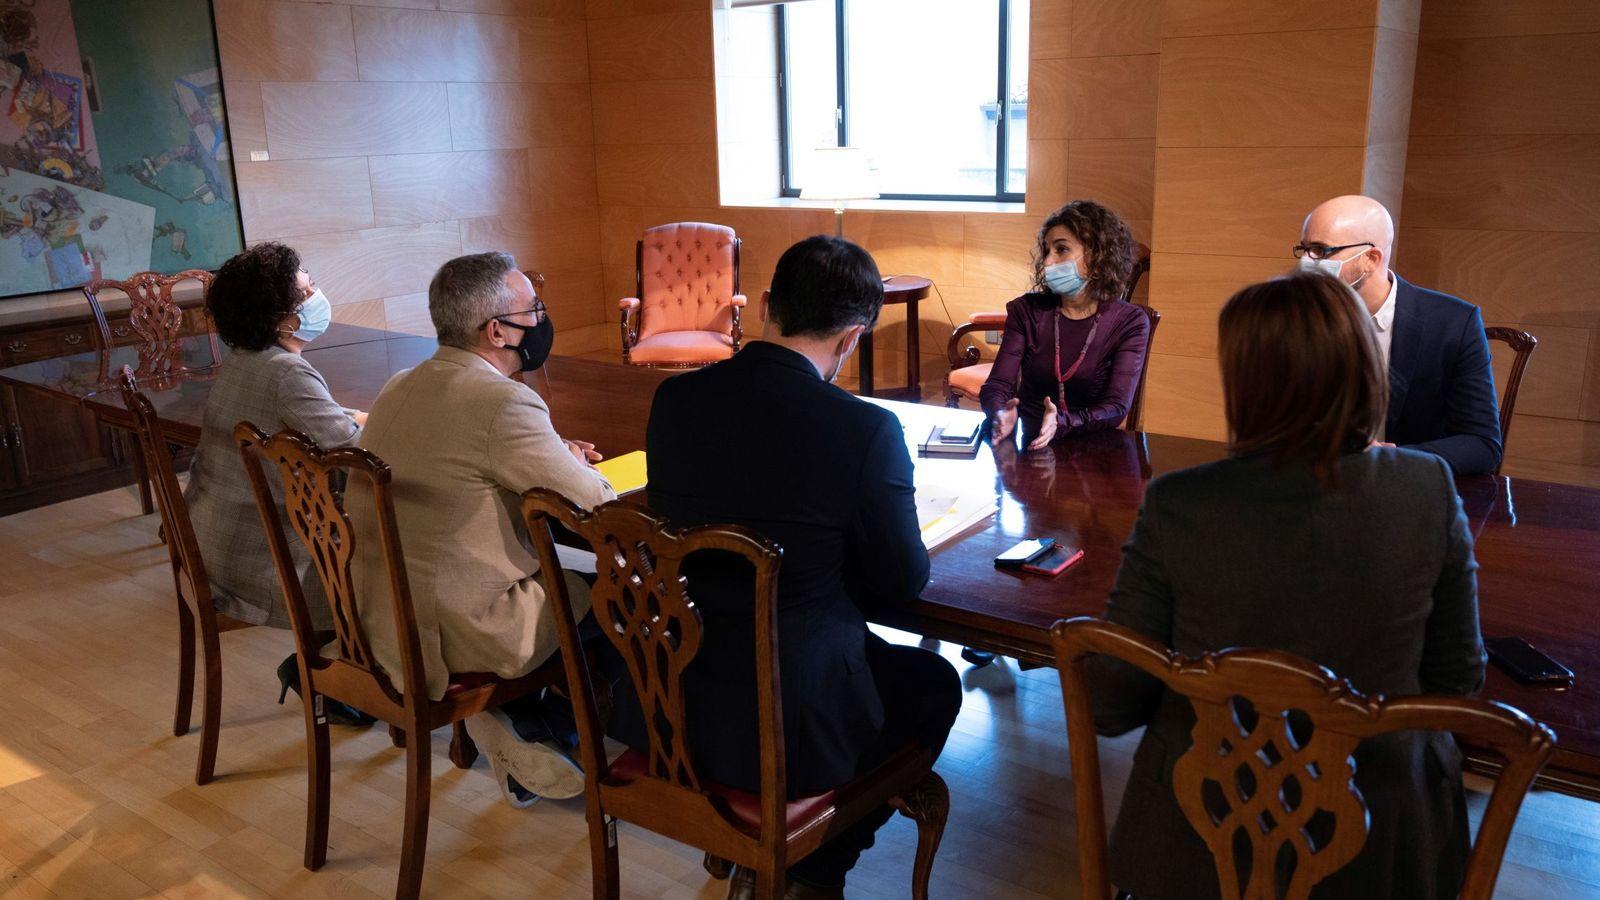 Foto: El equipo de ERC designado para la negociación de los PGE 2021 se reúne con la ministra de Hacienda, Maria Jesús Montero (C), y el secretario de Estado de Derechos Sociales, Nacho Álvarez (d). (EFE)